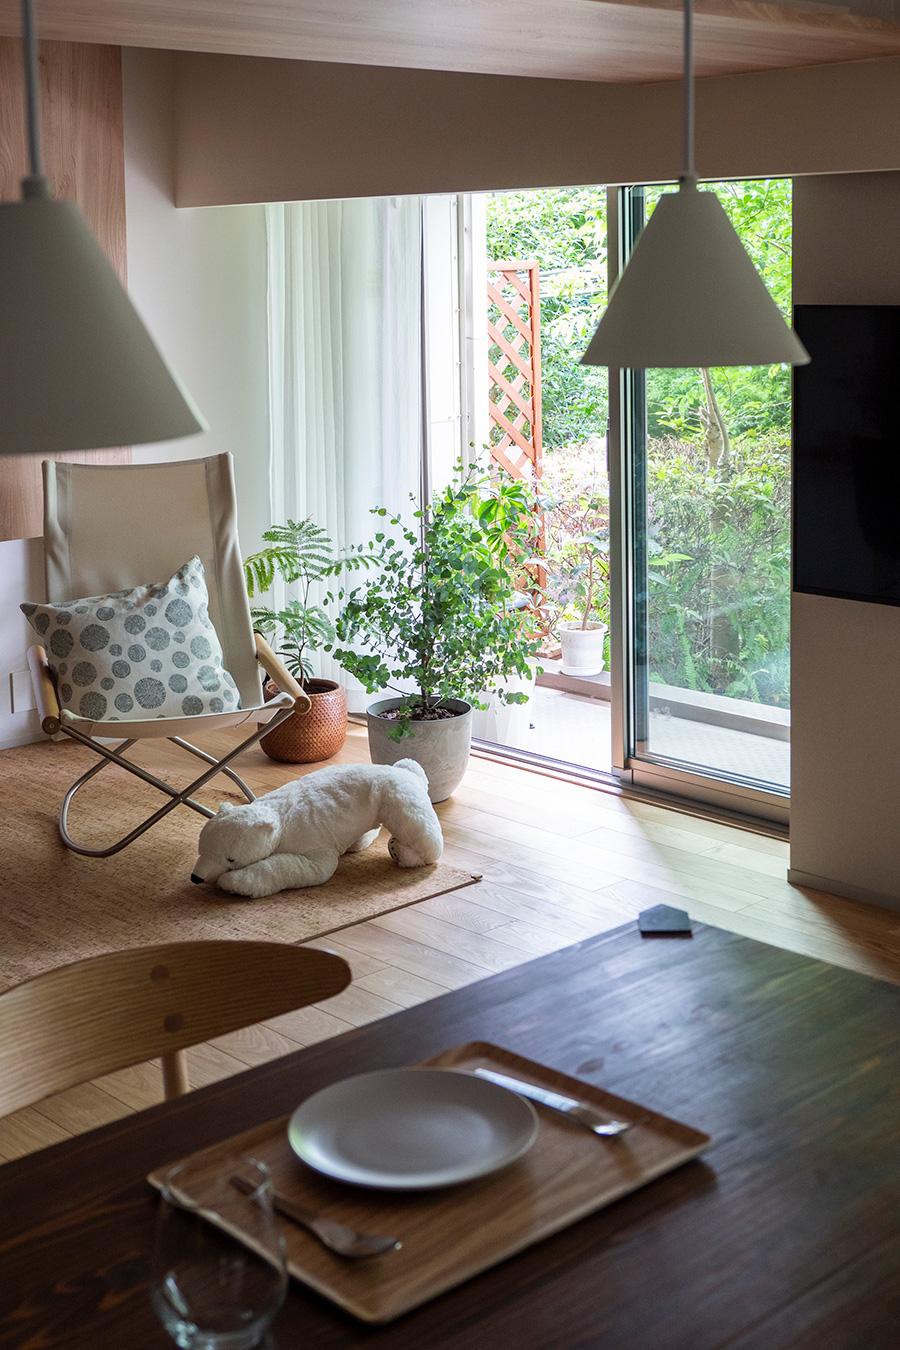 森のような庭が眺められるリビングも癒しの場。室内のグリーンが、外との連続性を強調する。